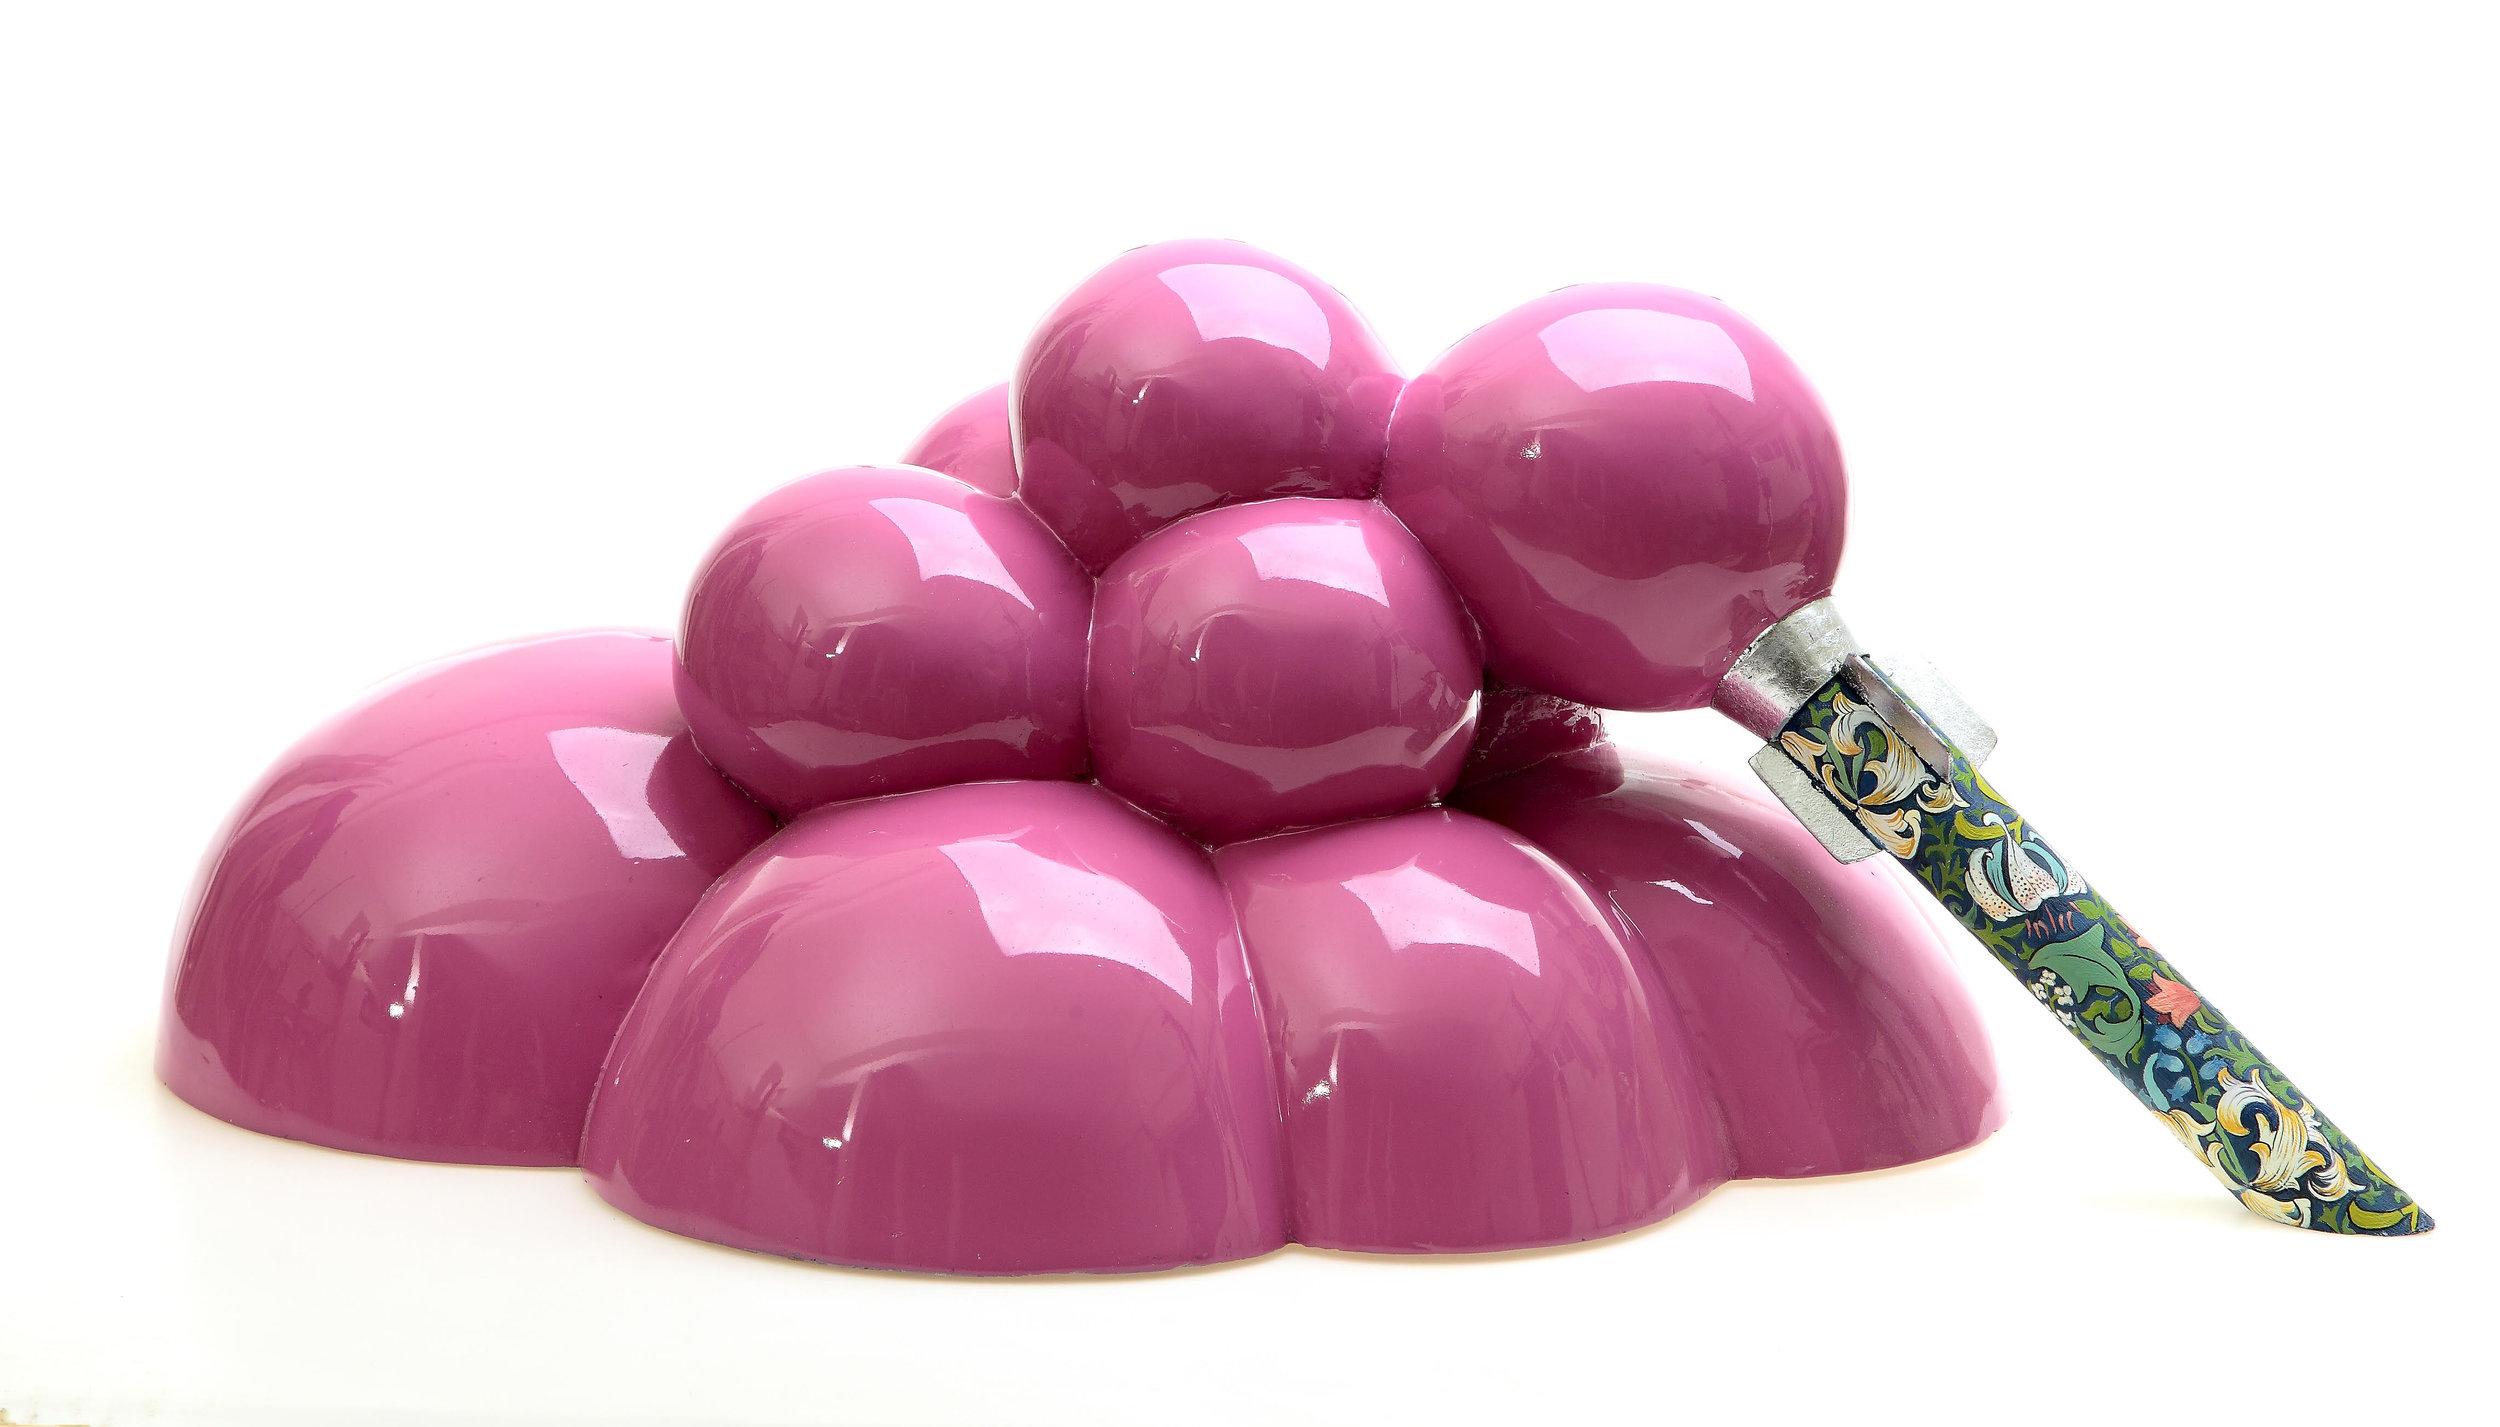 Pink Bubbles, 2012